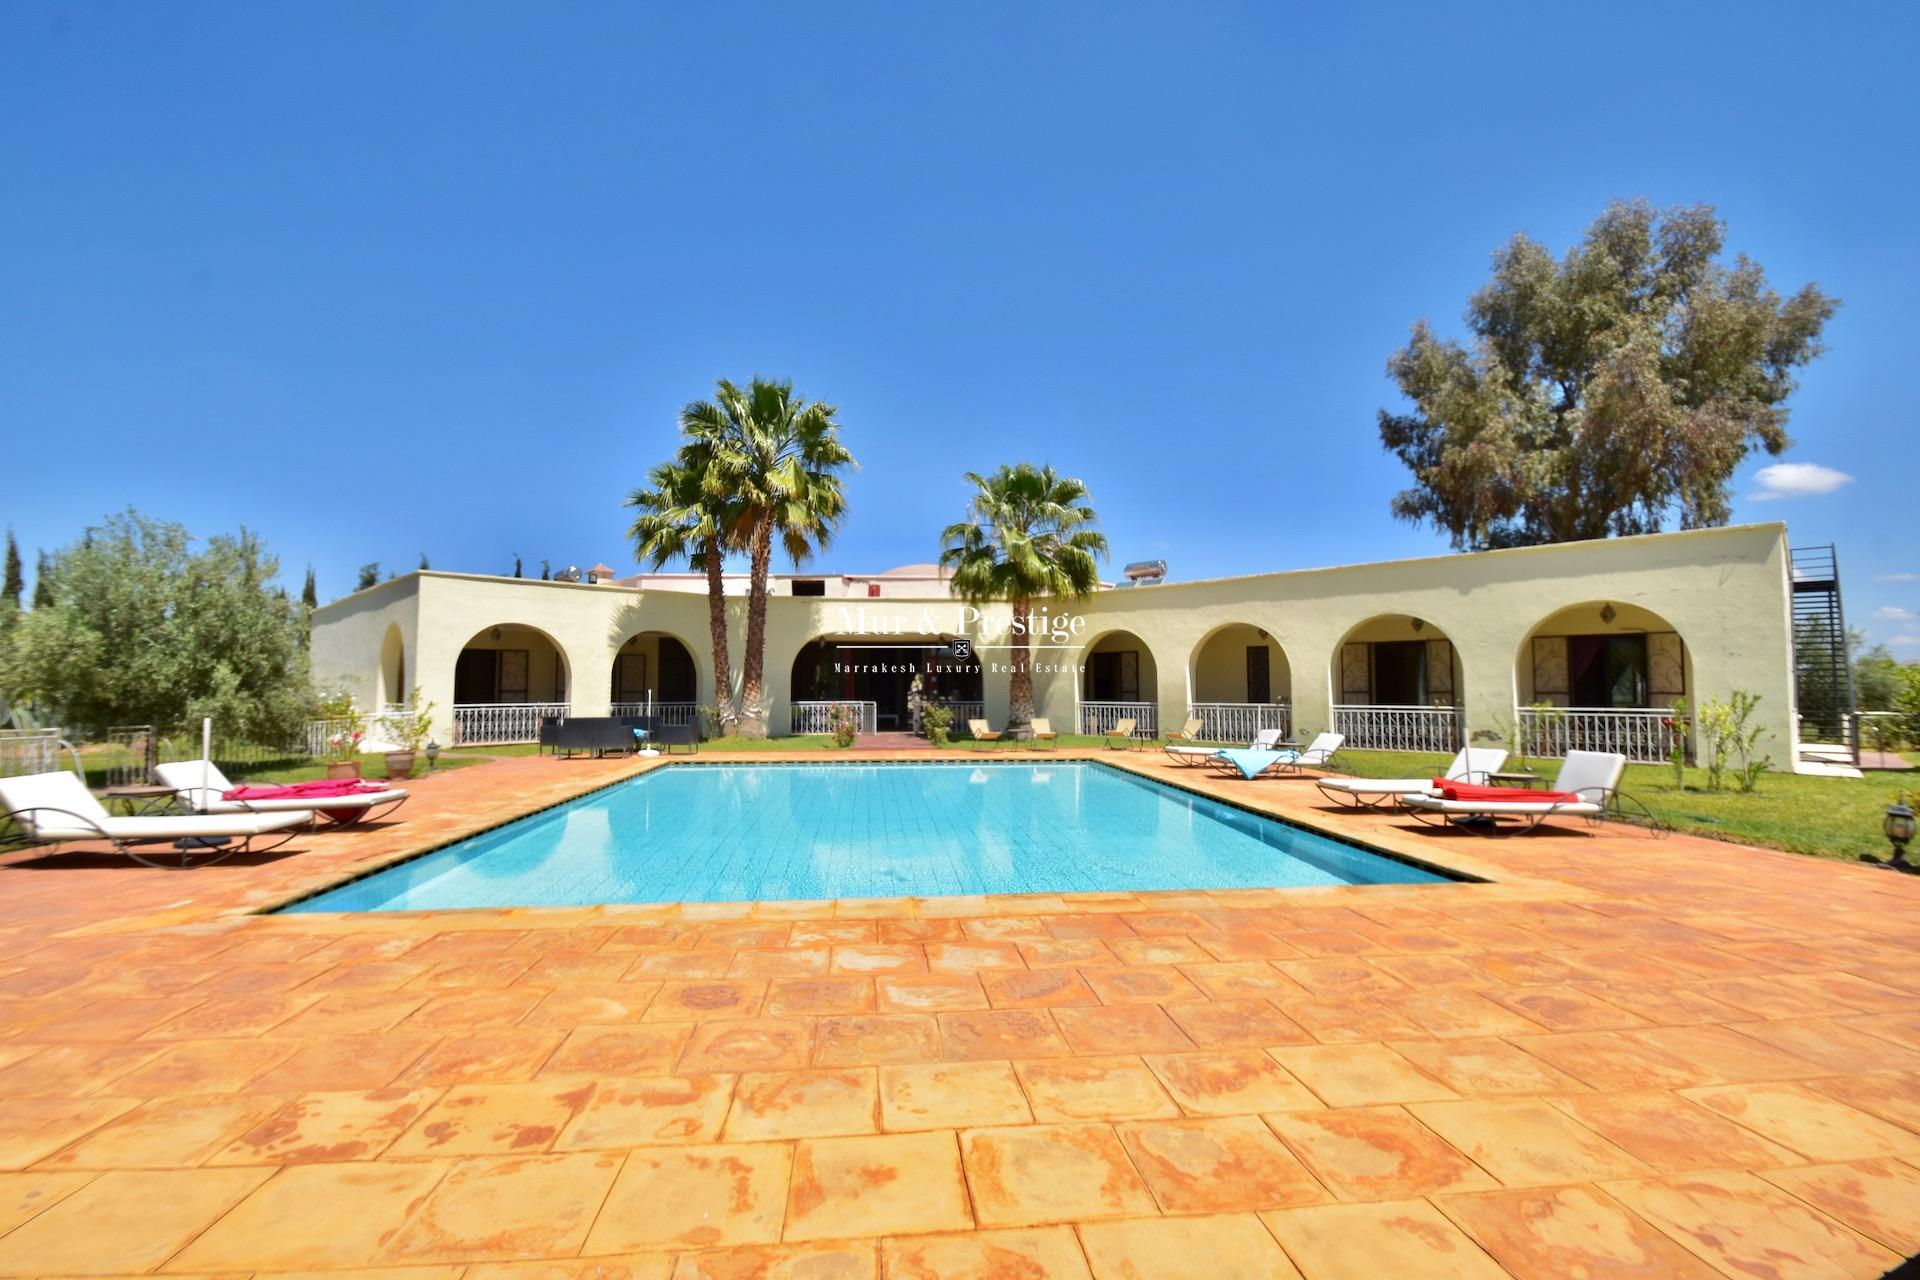 Maison en vente route de l'Ourika à Marrakech